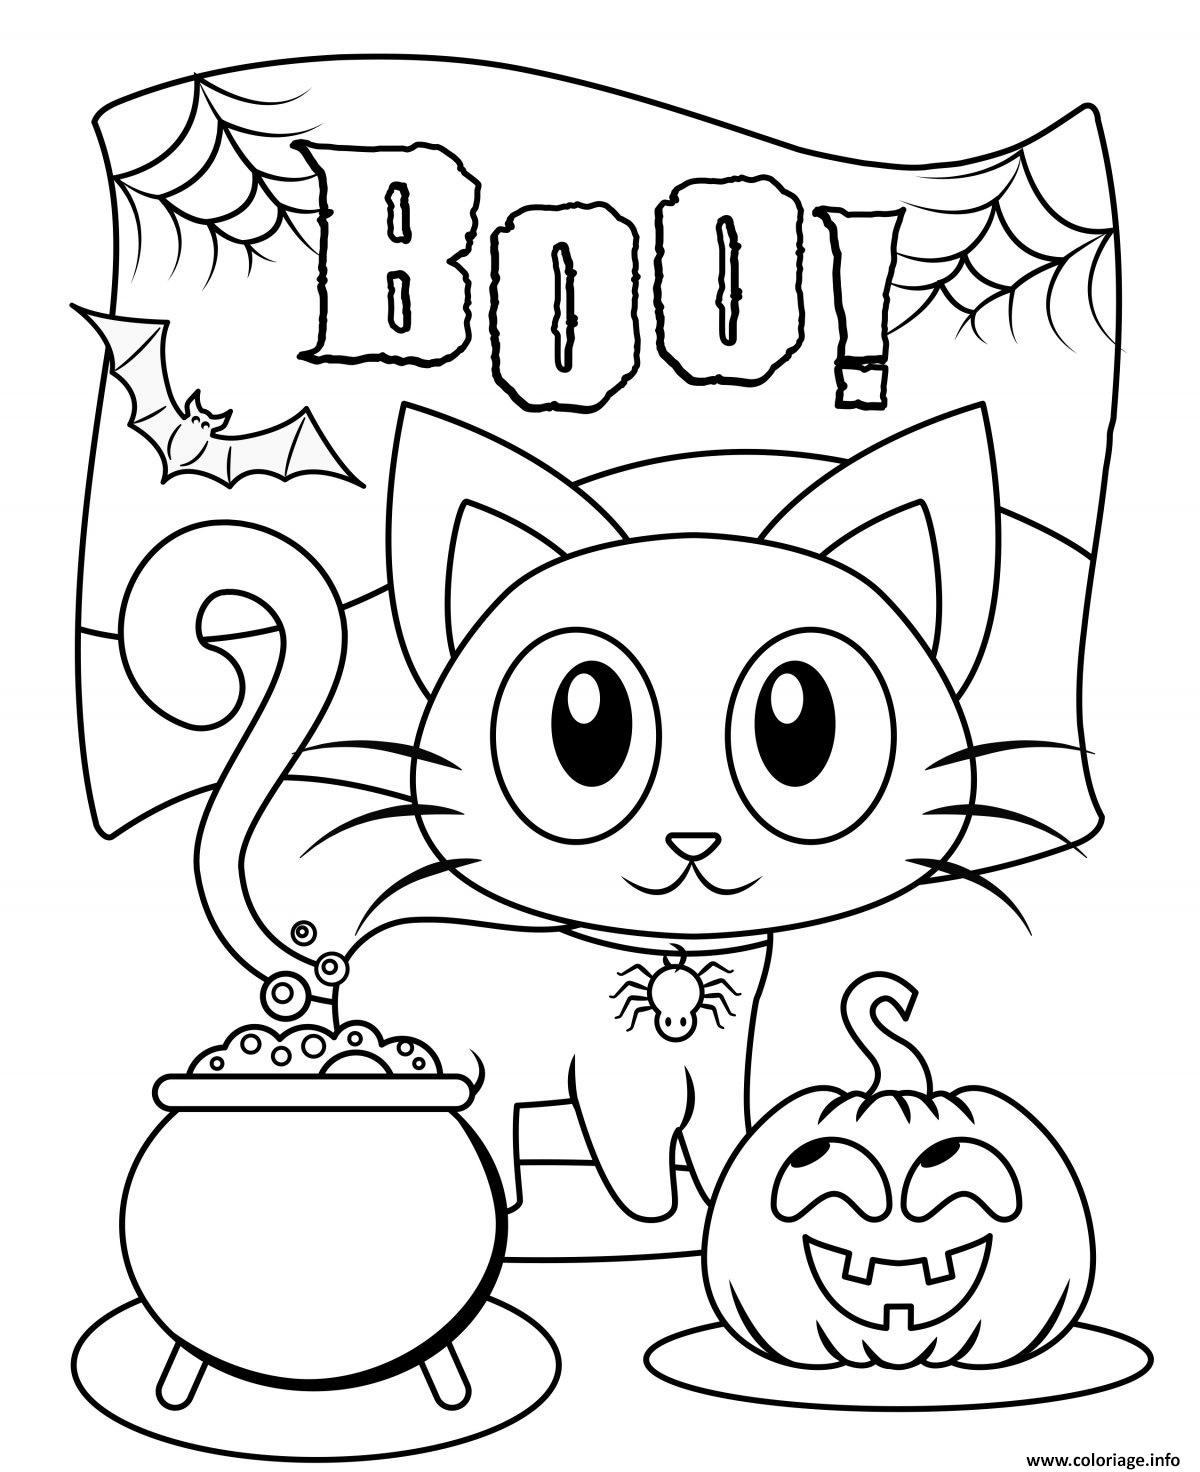 Dessin Halloween Boo Chat noir citrouille Coloriage Gratuit à Imprimer